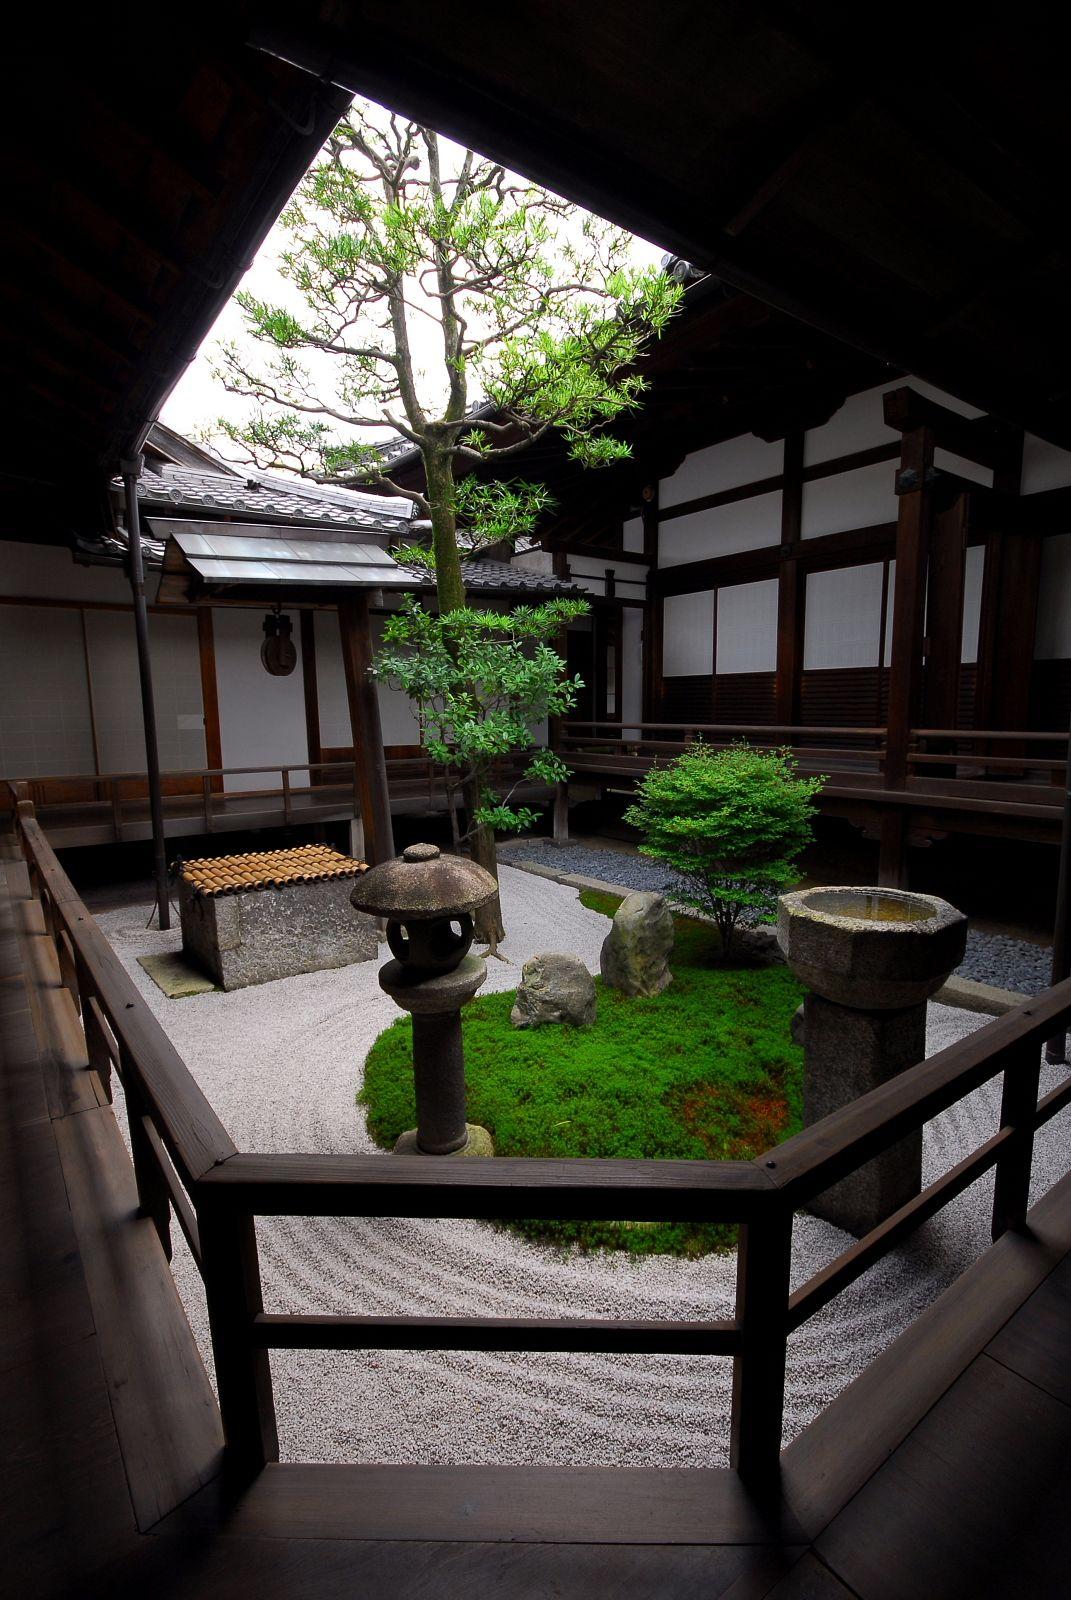 los jardines japoneses transmiten mucha calma y quin no descansara en este precioso